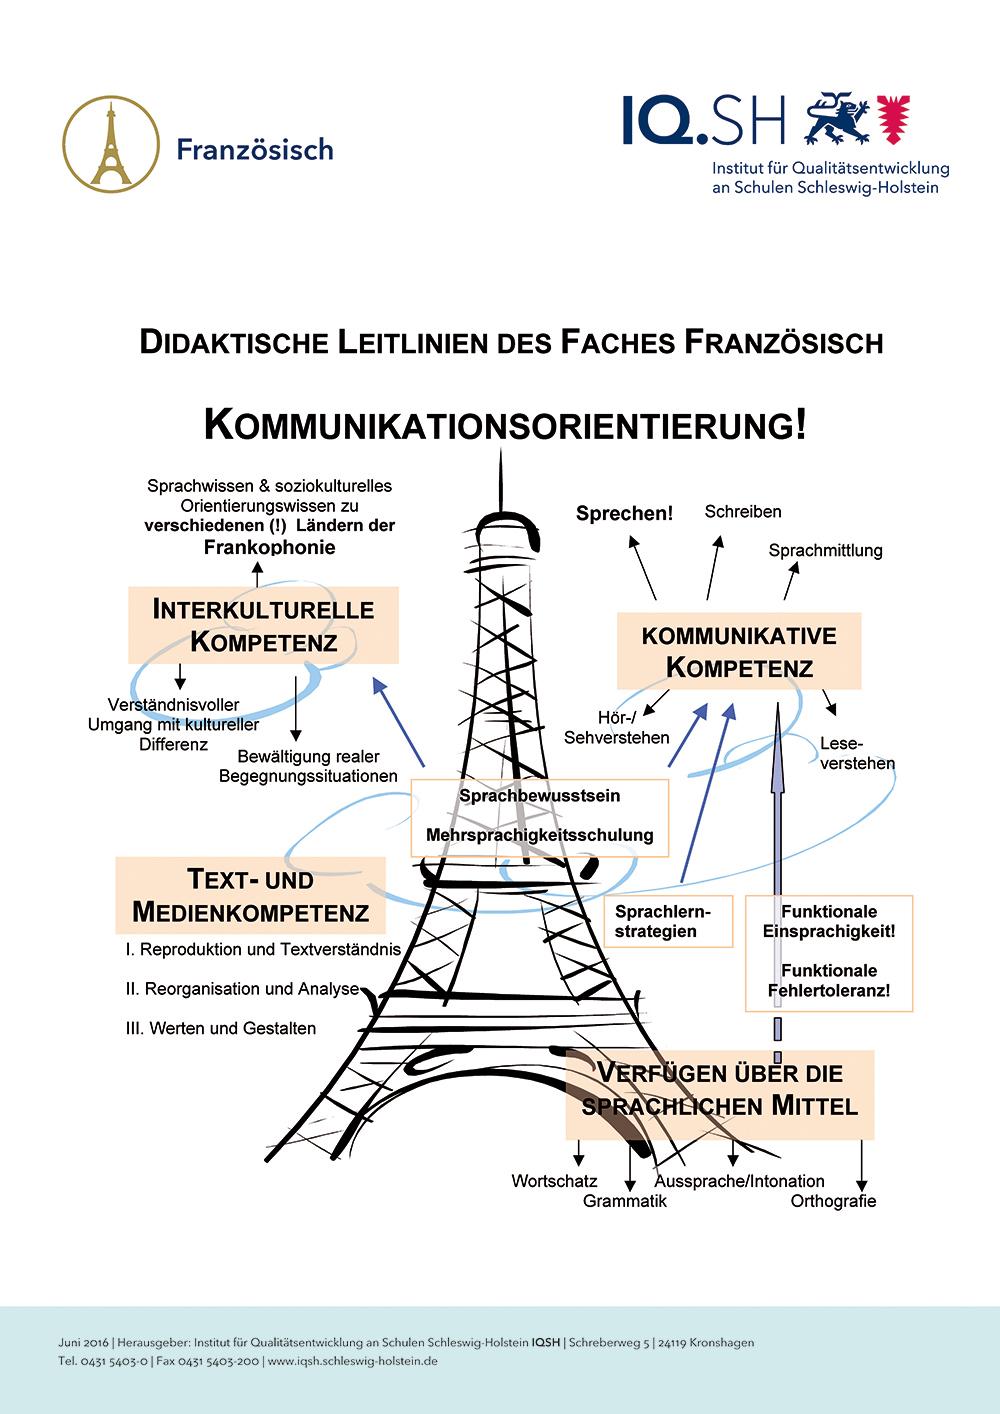 Französisch.jpg